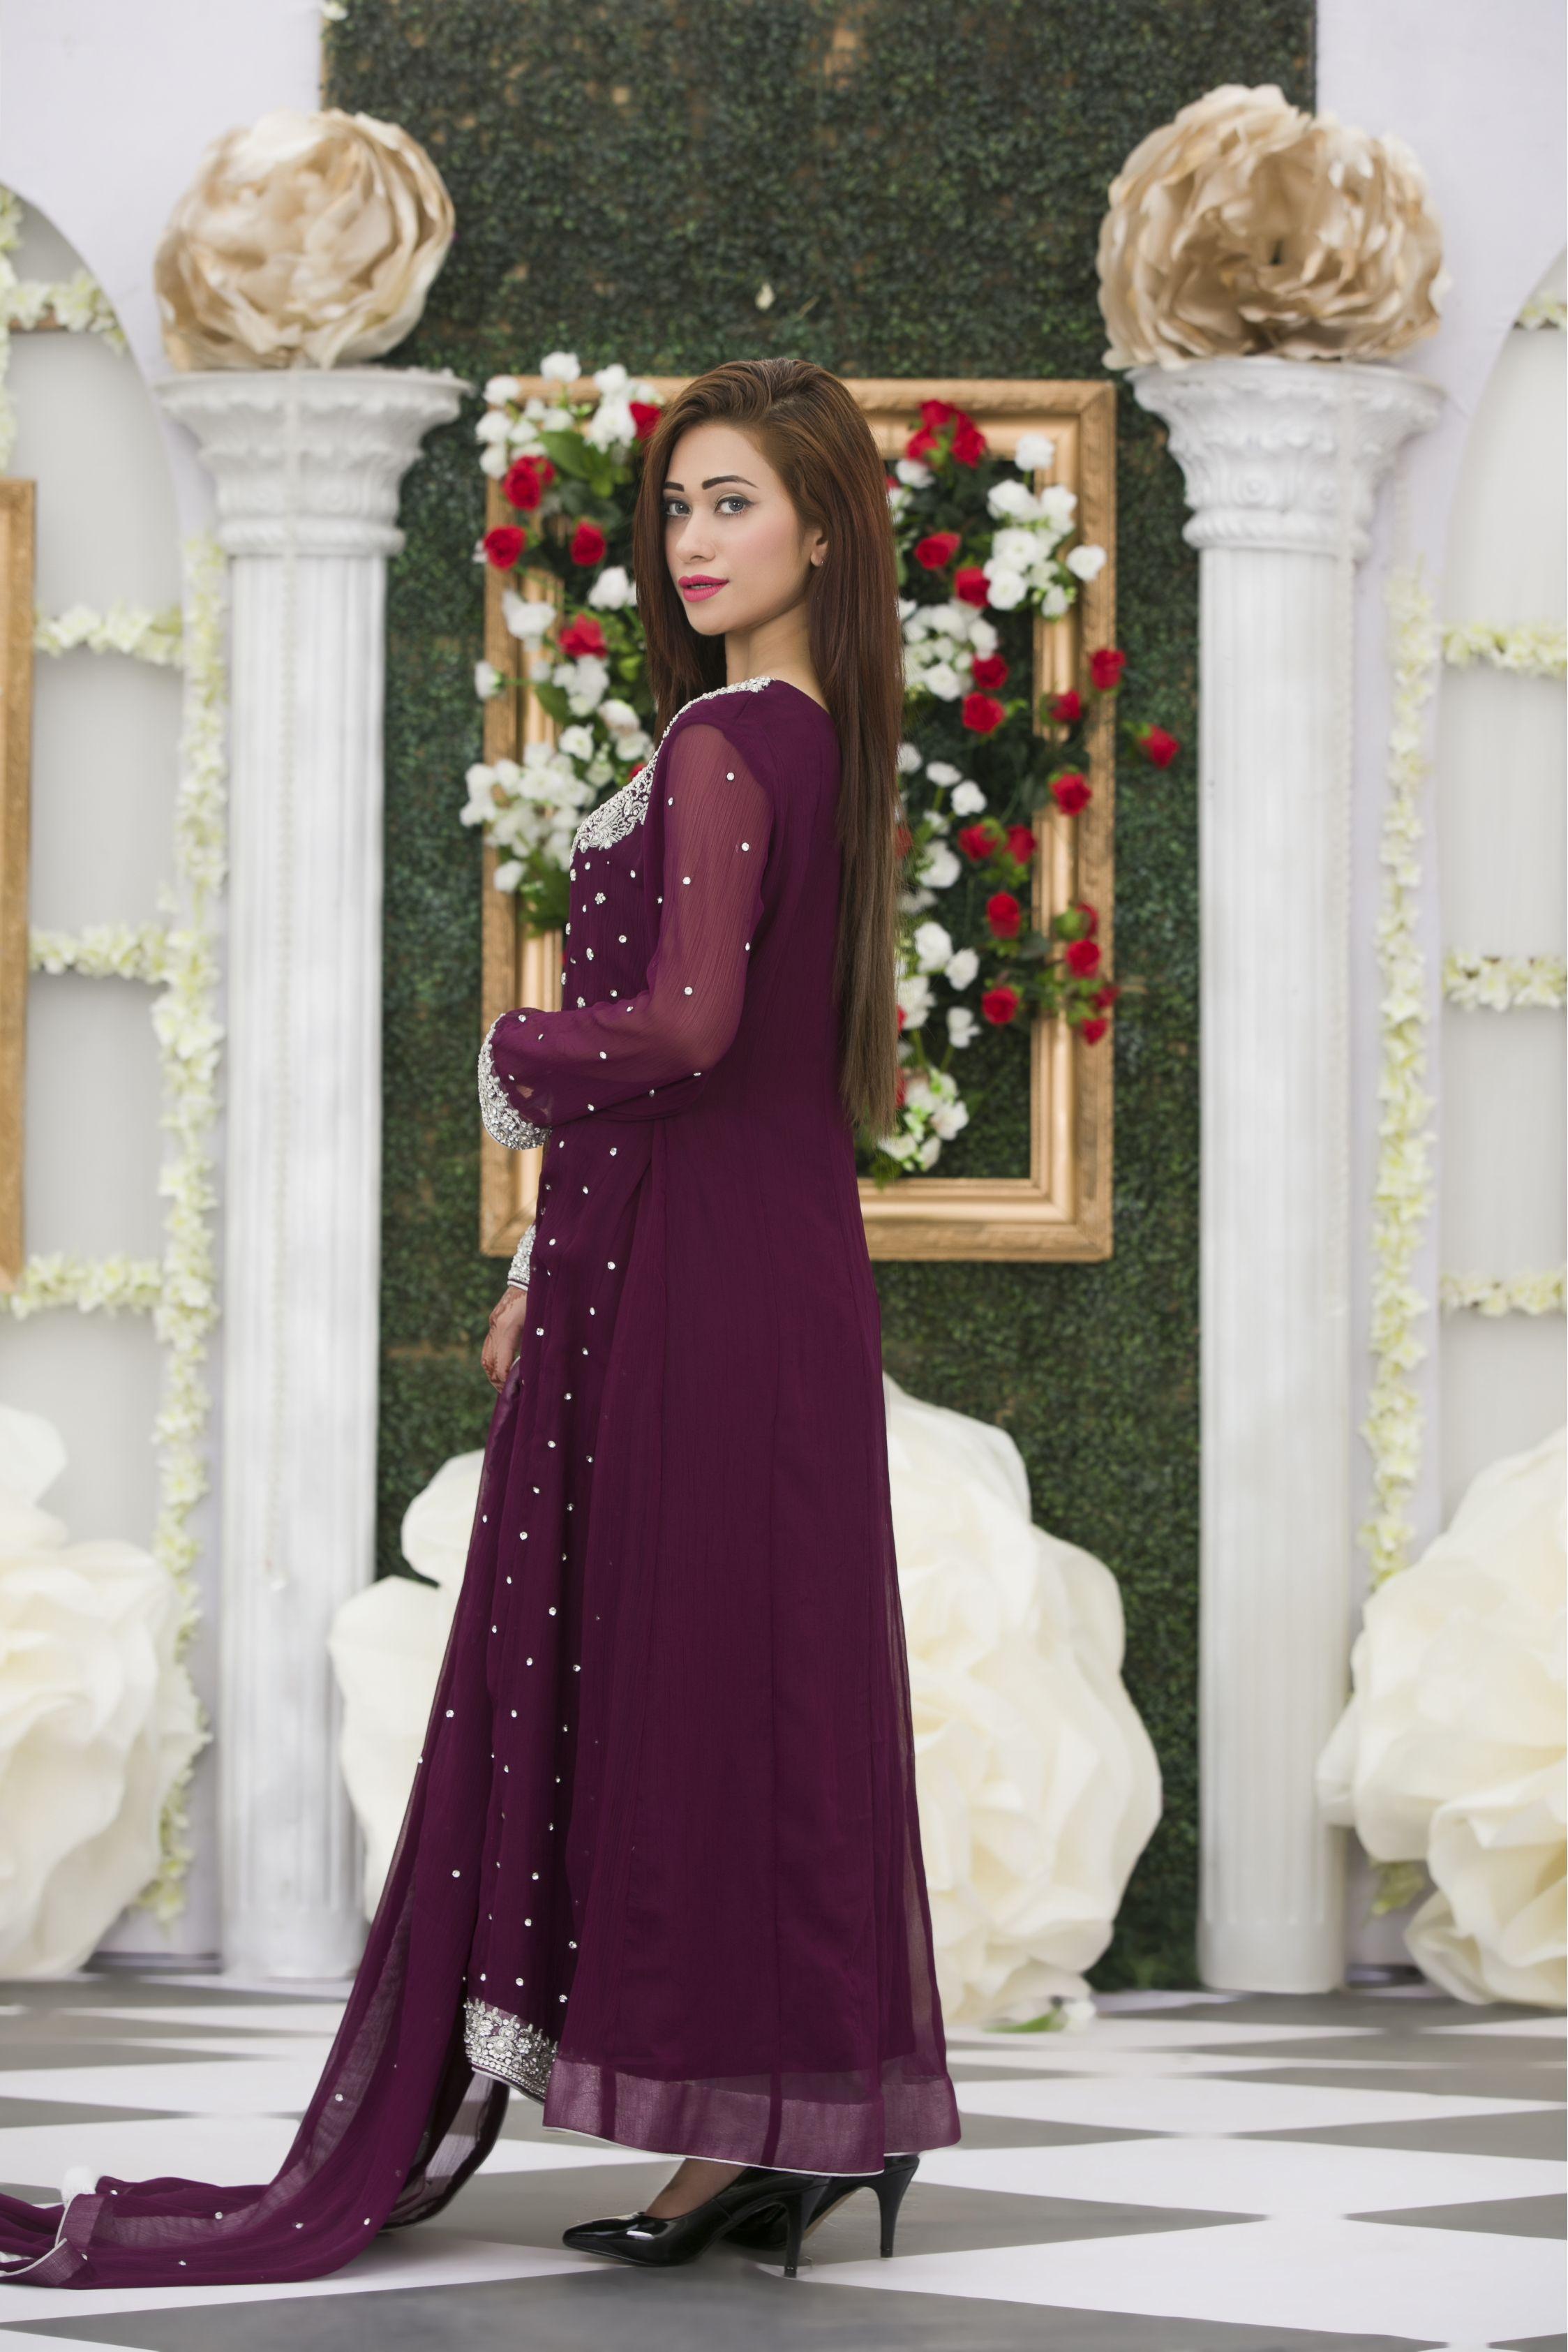 2ea31a0bf308 EXCLUSIVE PURPLE BRIDAL DRESS - Exclusive Online Boutique